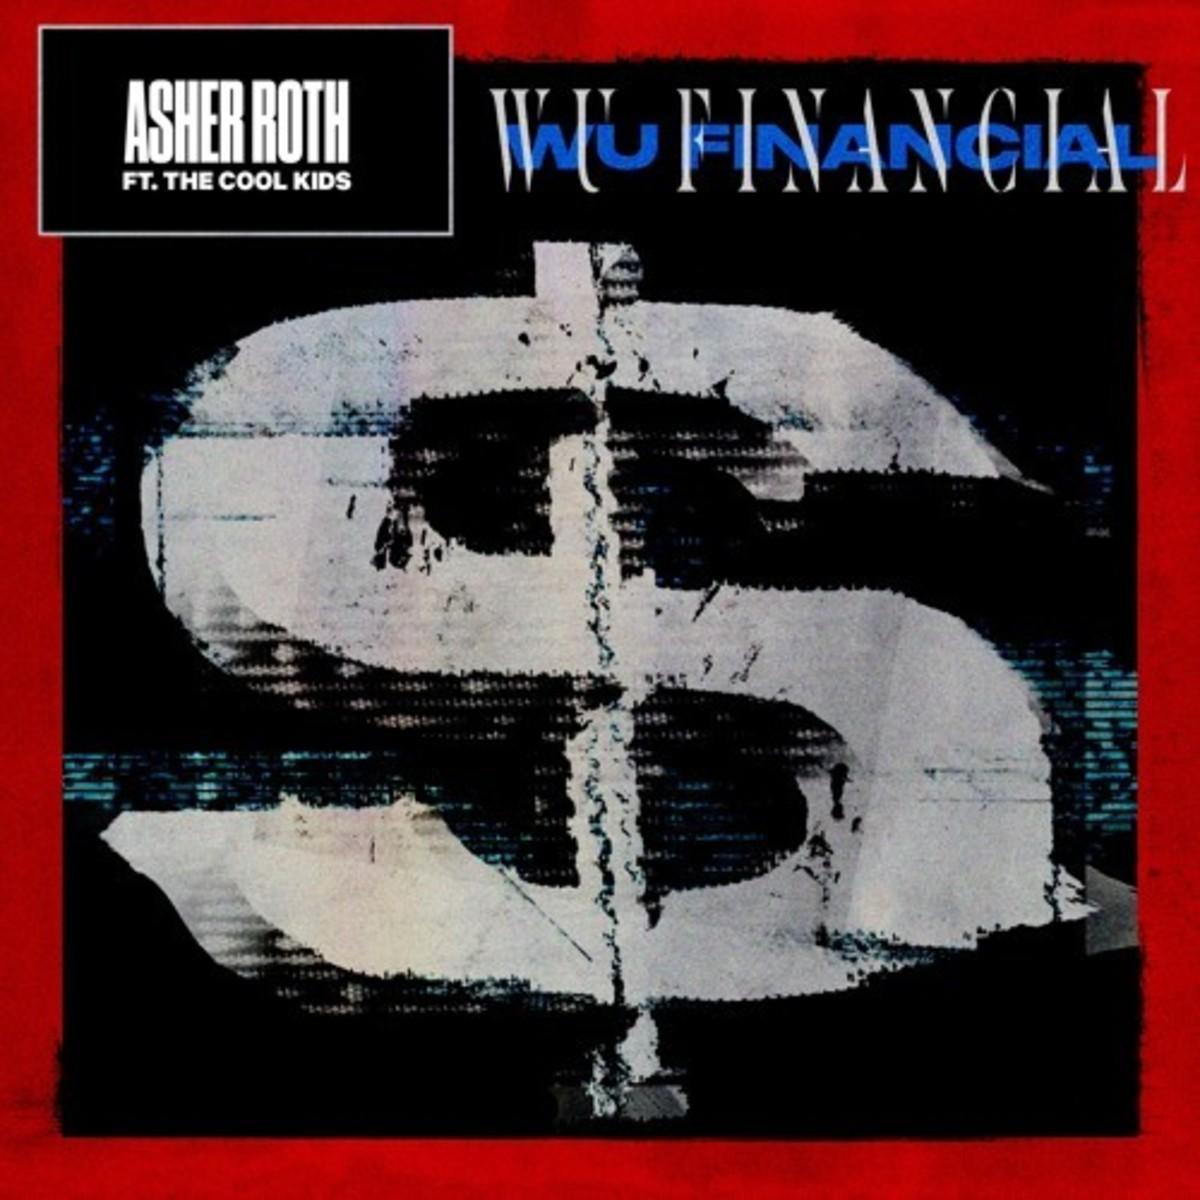 asher-roth-wu-financial.jpg